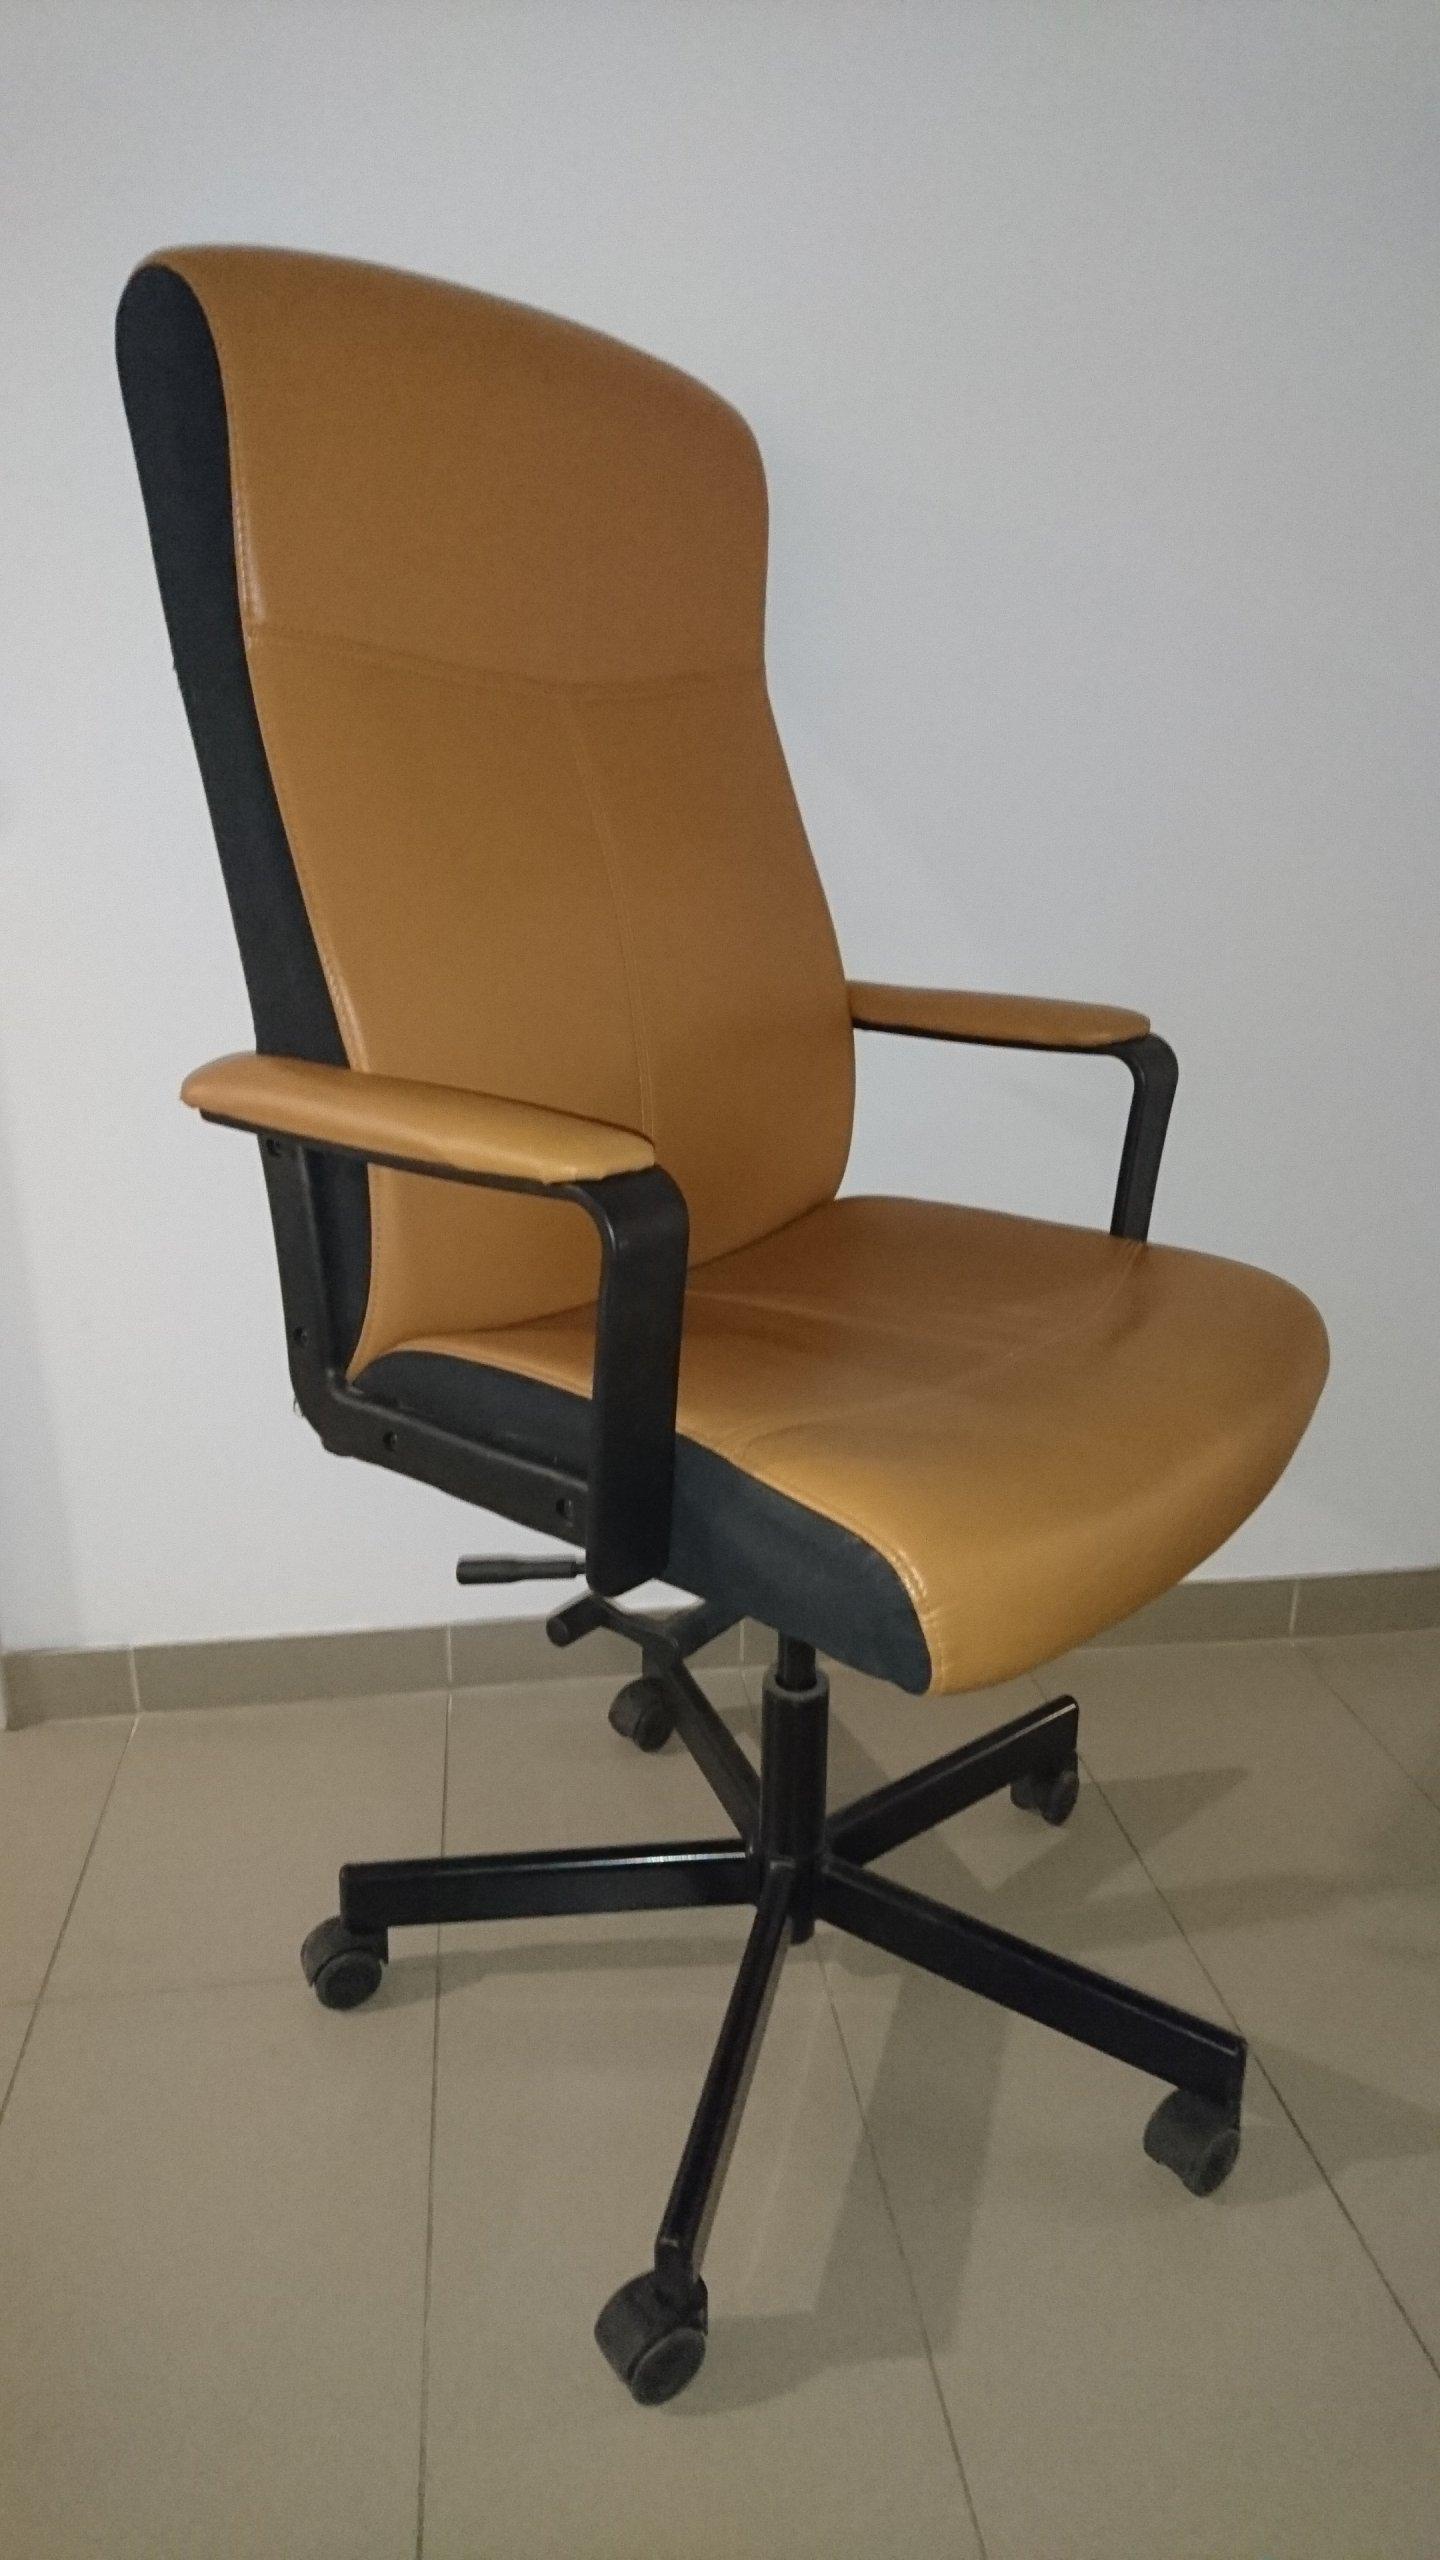 Fotel Biurowy Ikea 7185436157 Oficjalne Archiwum Allegro